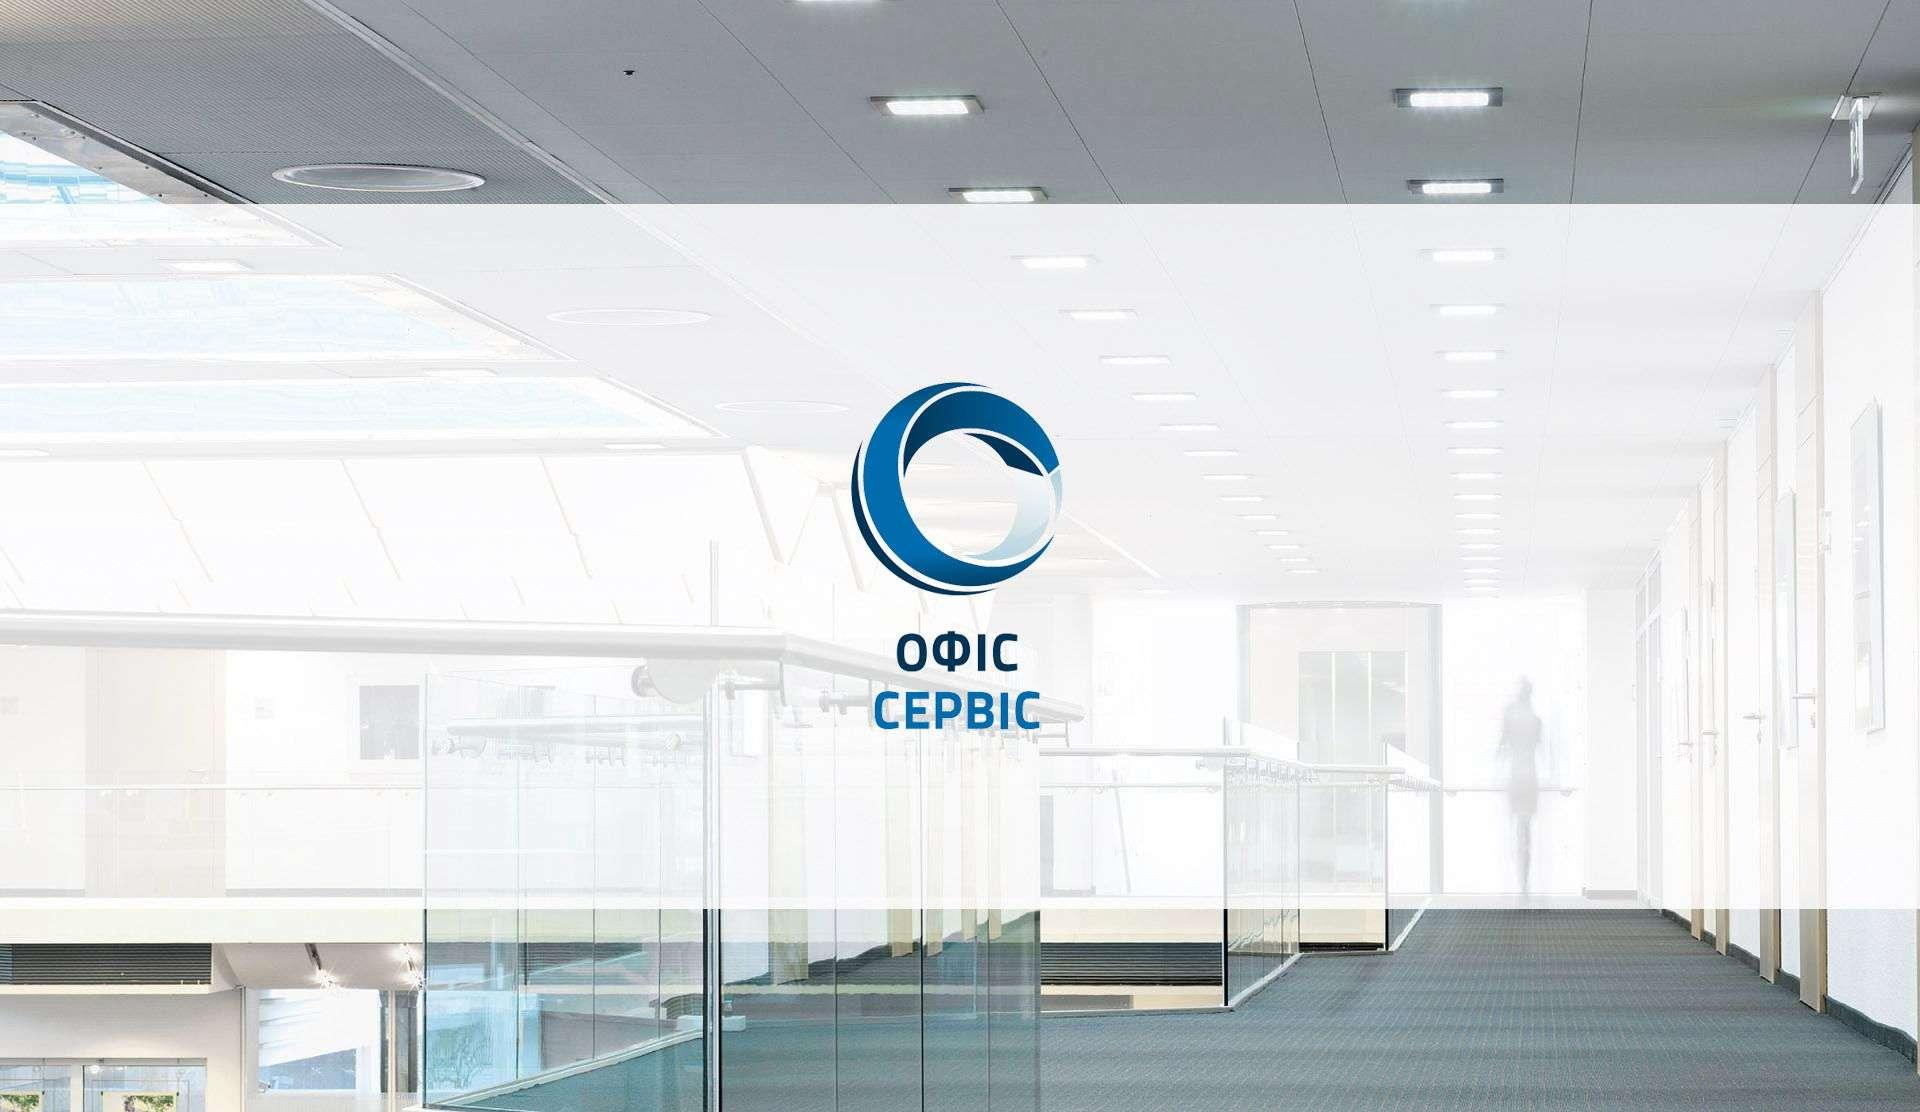 Дизайн логотипа финансовой компании, Finance company logo design